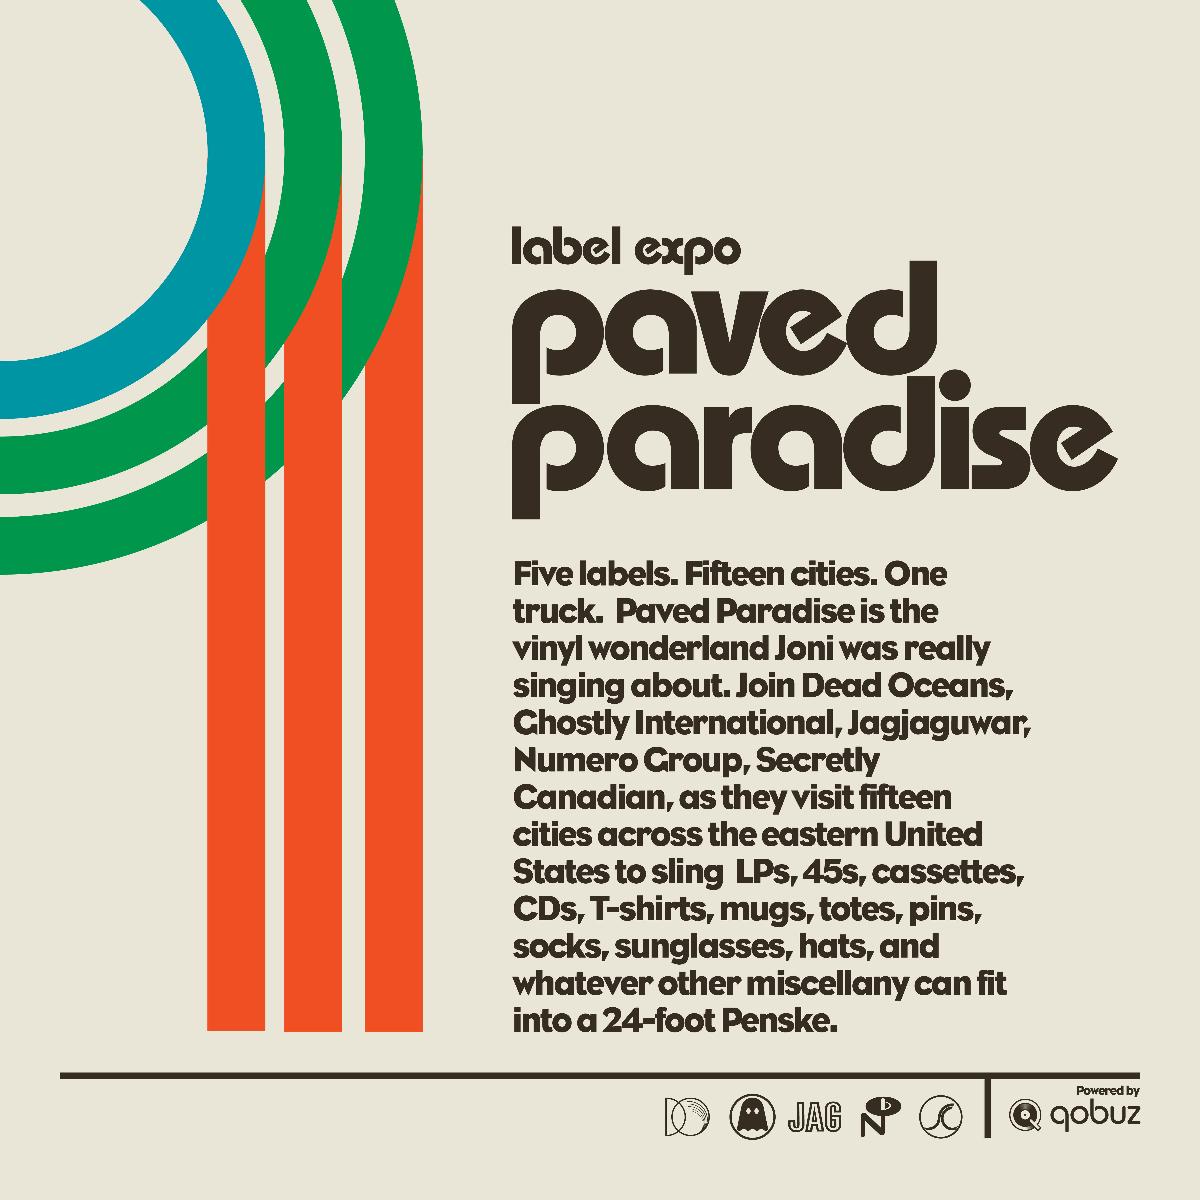 Qobuz joins Paved Paradise, Traveling Label Expo